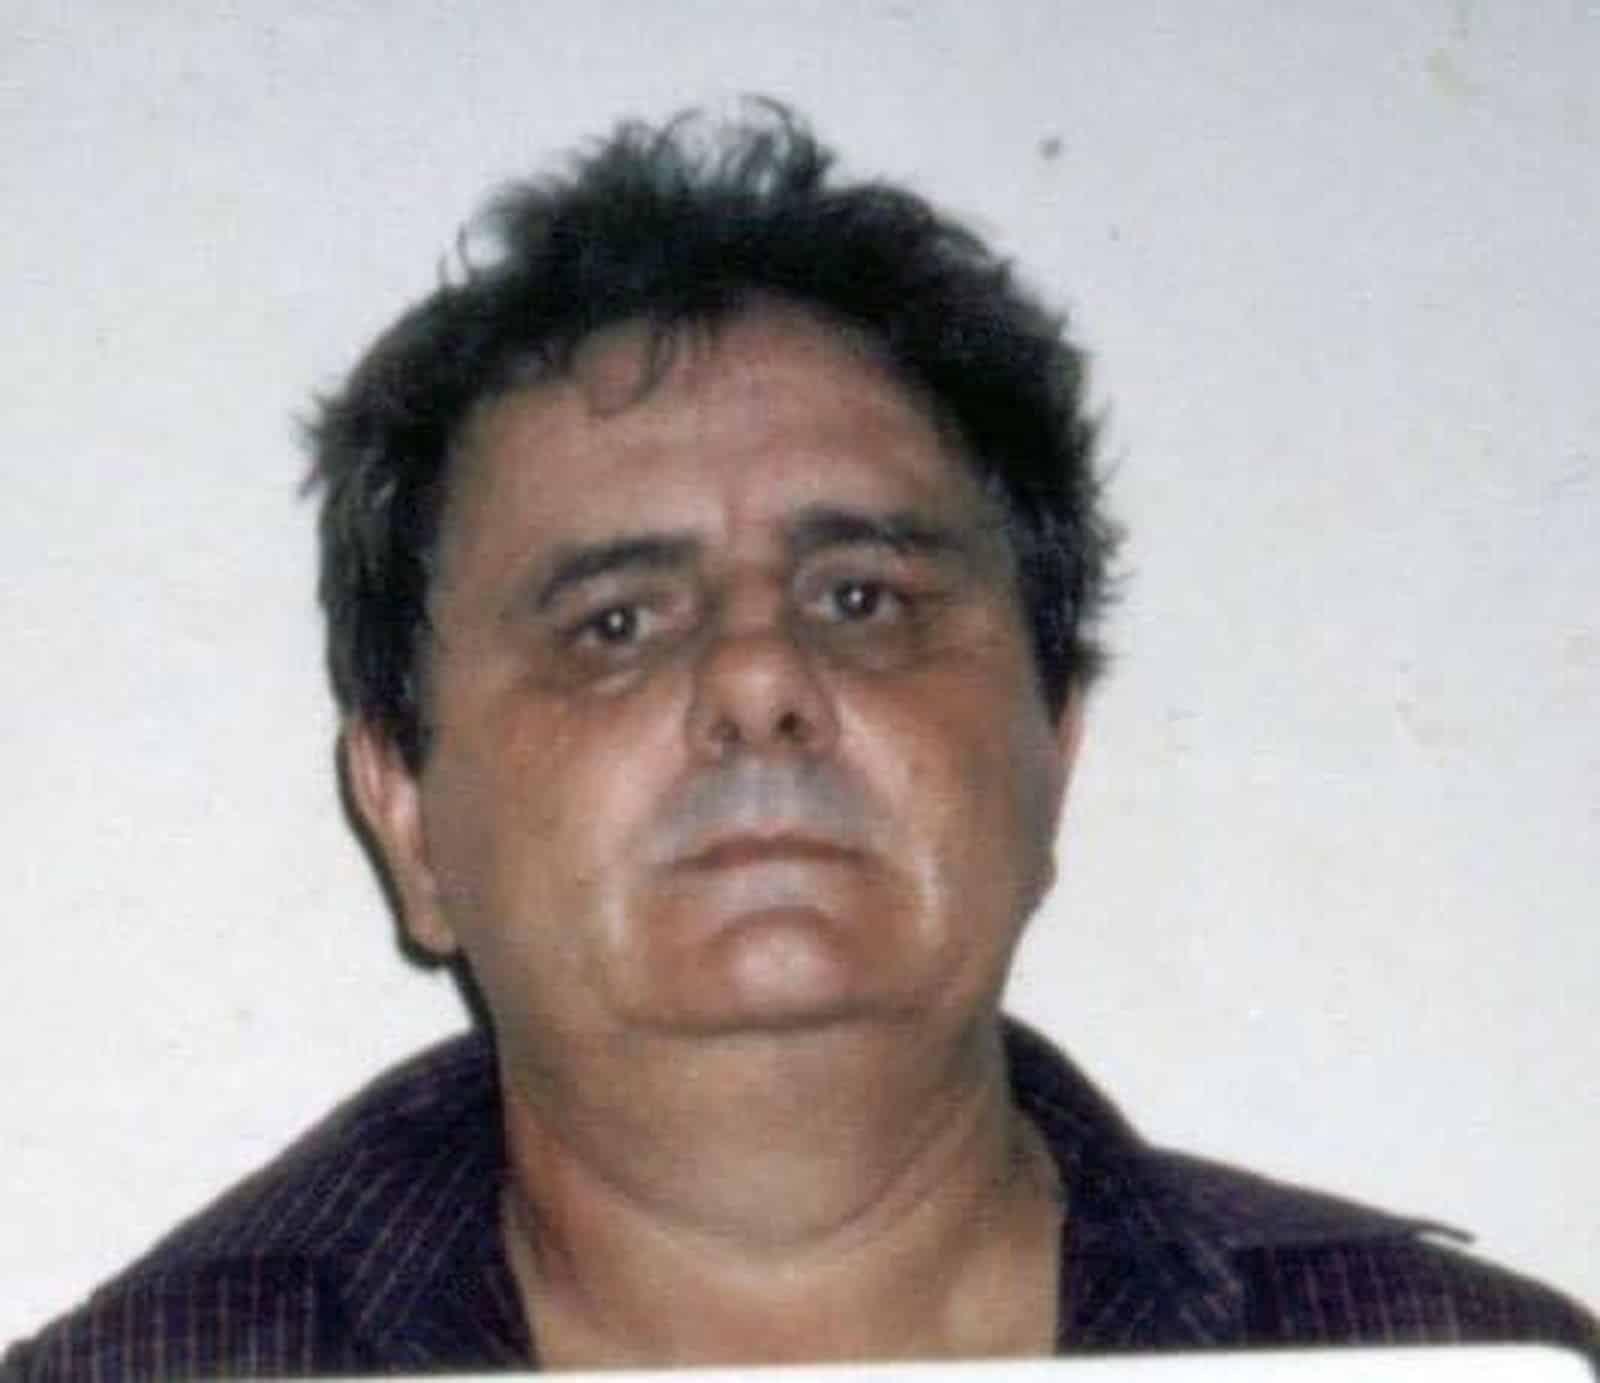 Ex-prefeito de Platina, conhecido como Dito Quati, estava foragido desde 2003 quando foi resgatado de um presídio em Londrina (Foto: Arquivo pessoal)